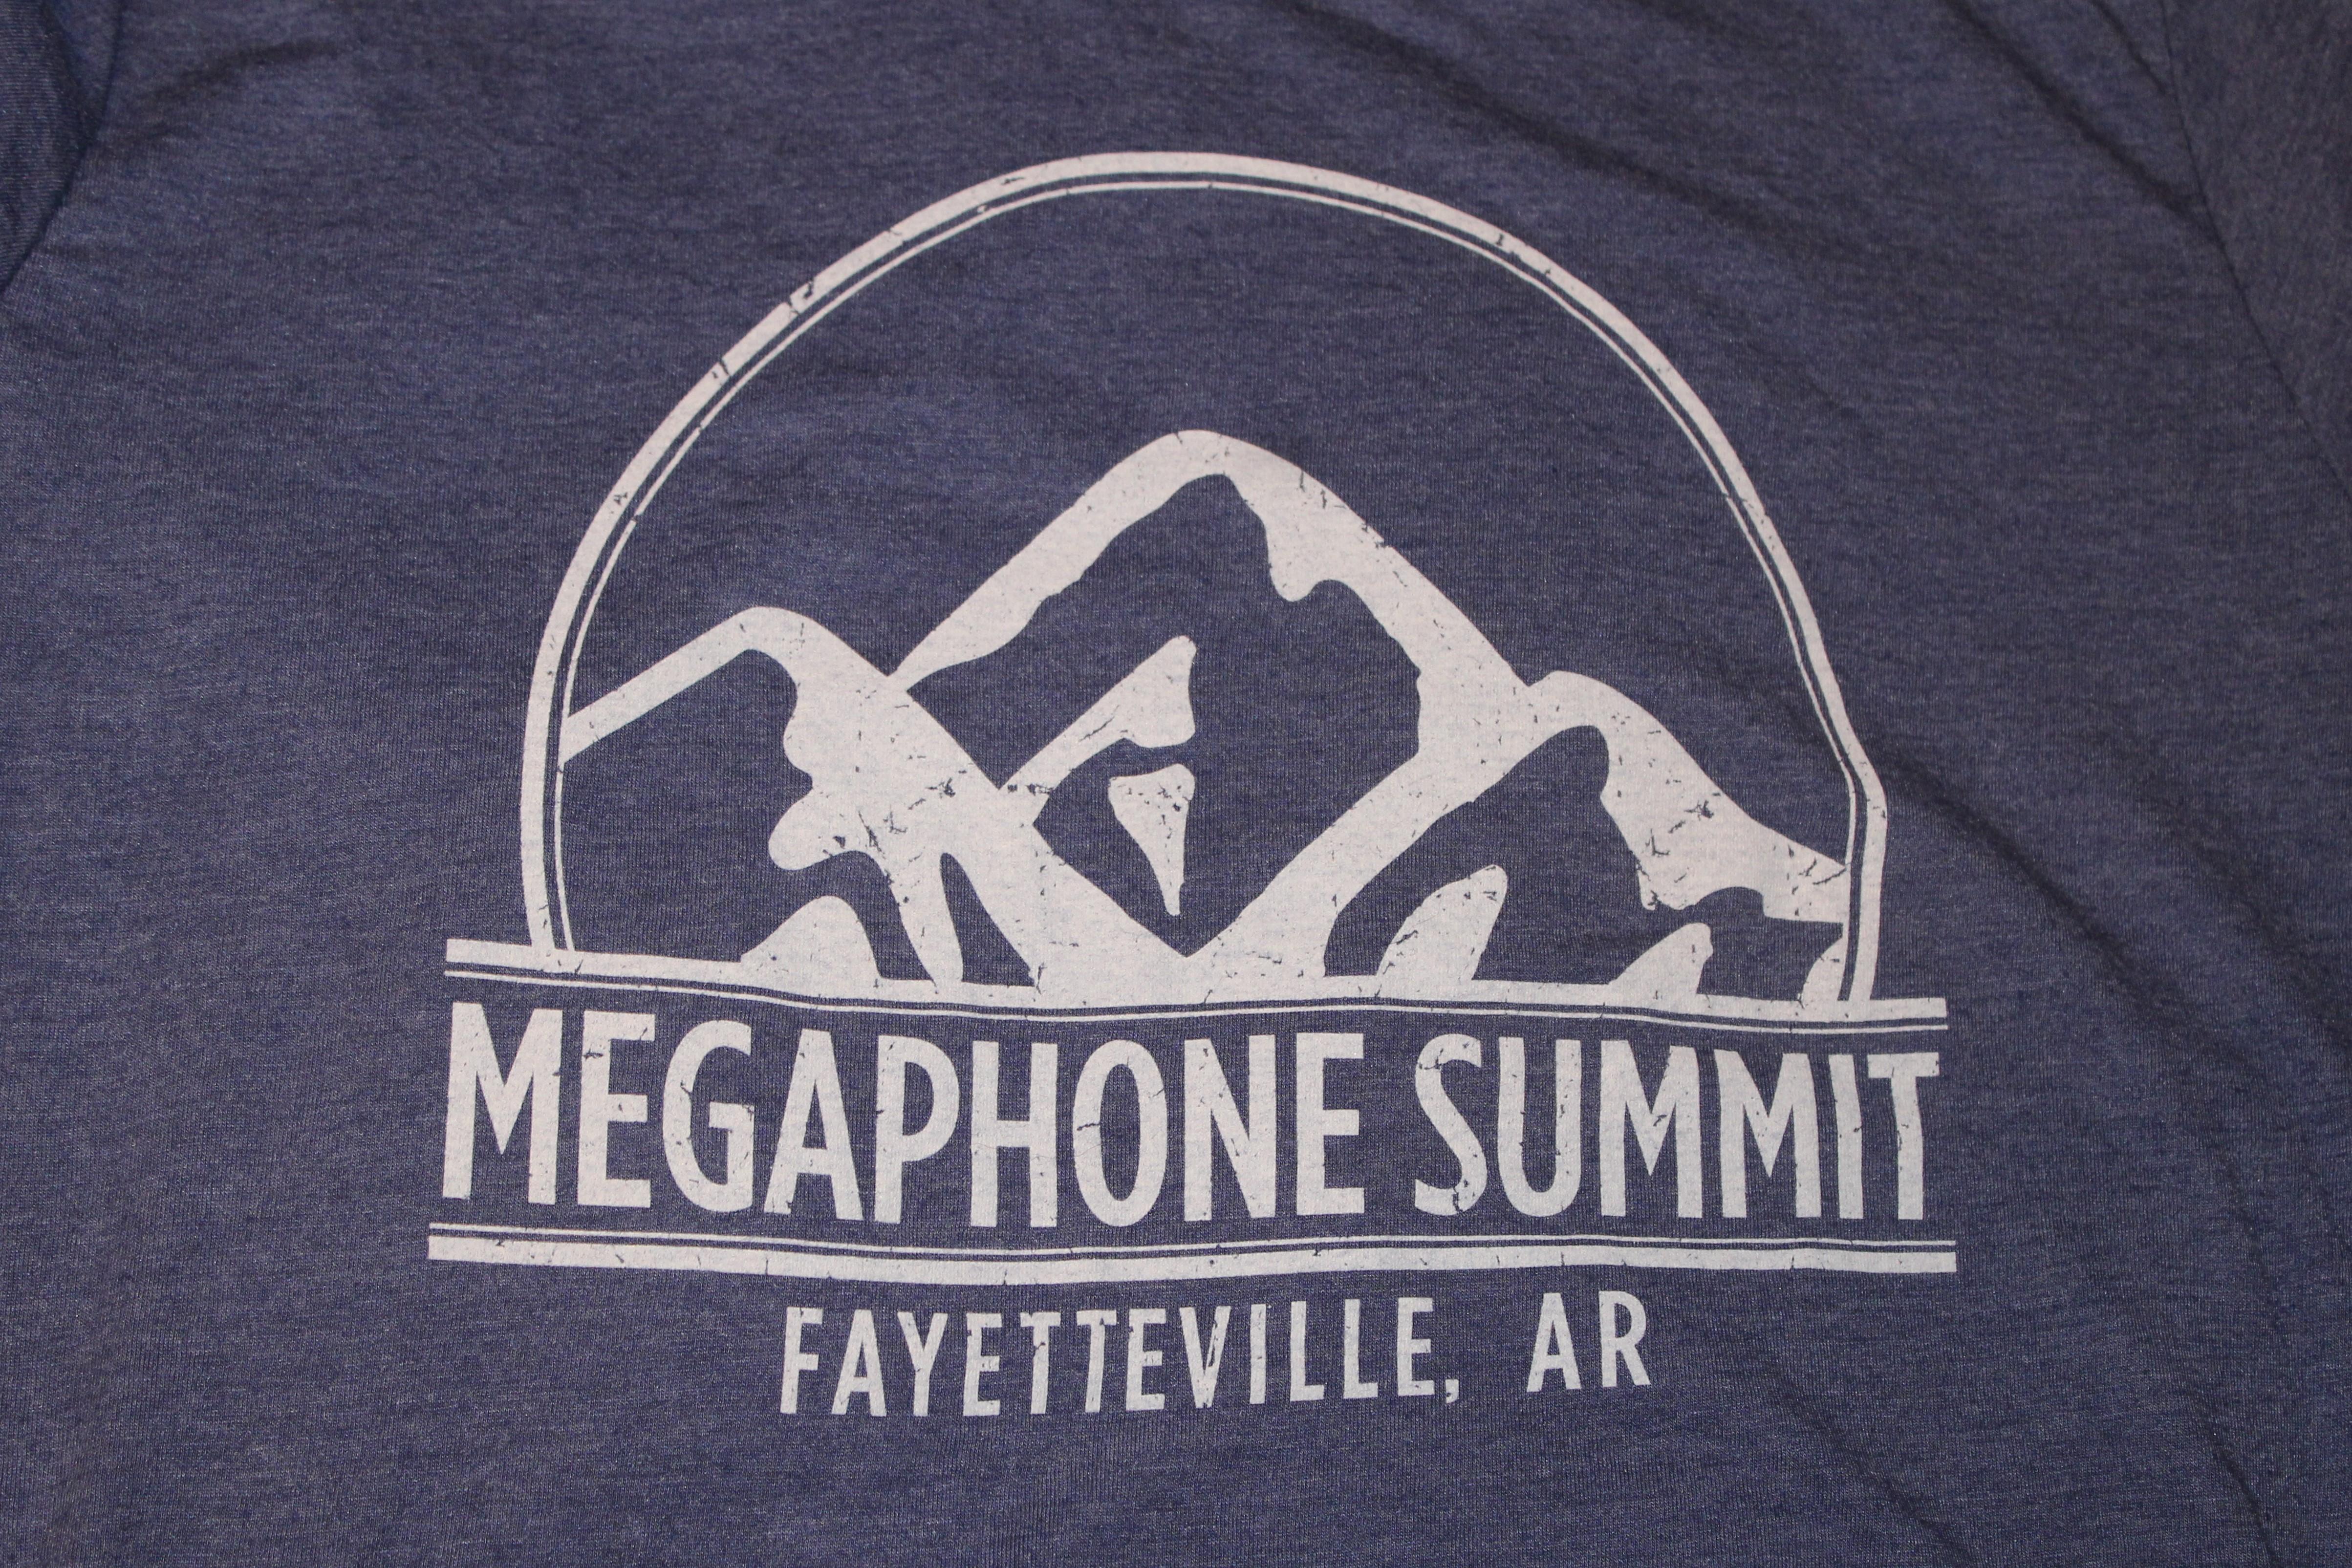 A recap of Megaphone Summit